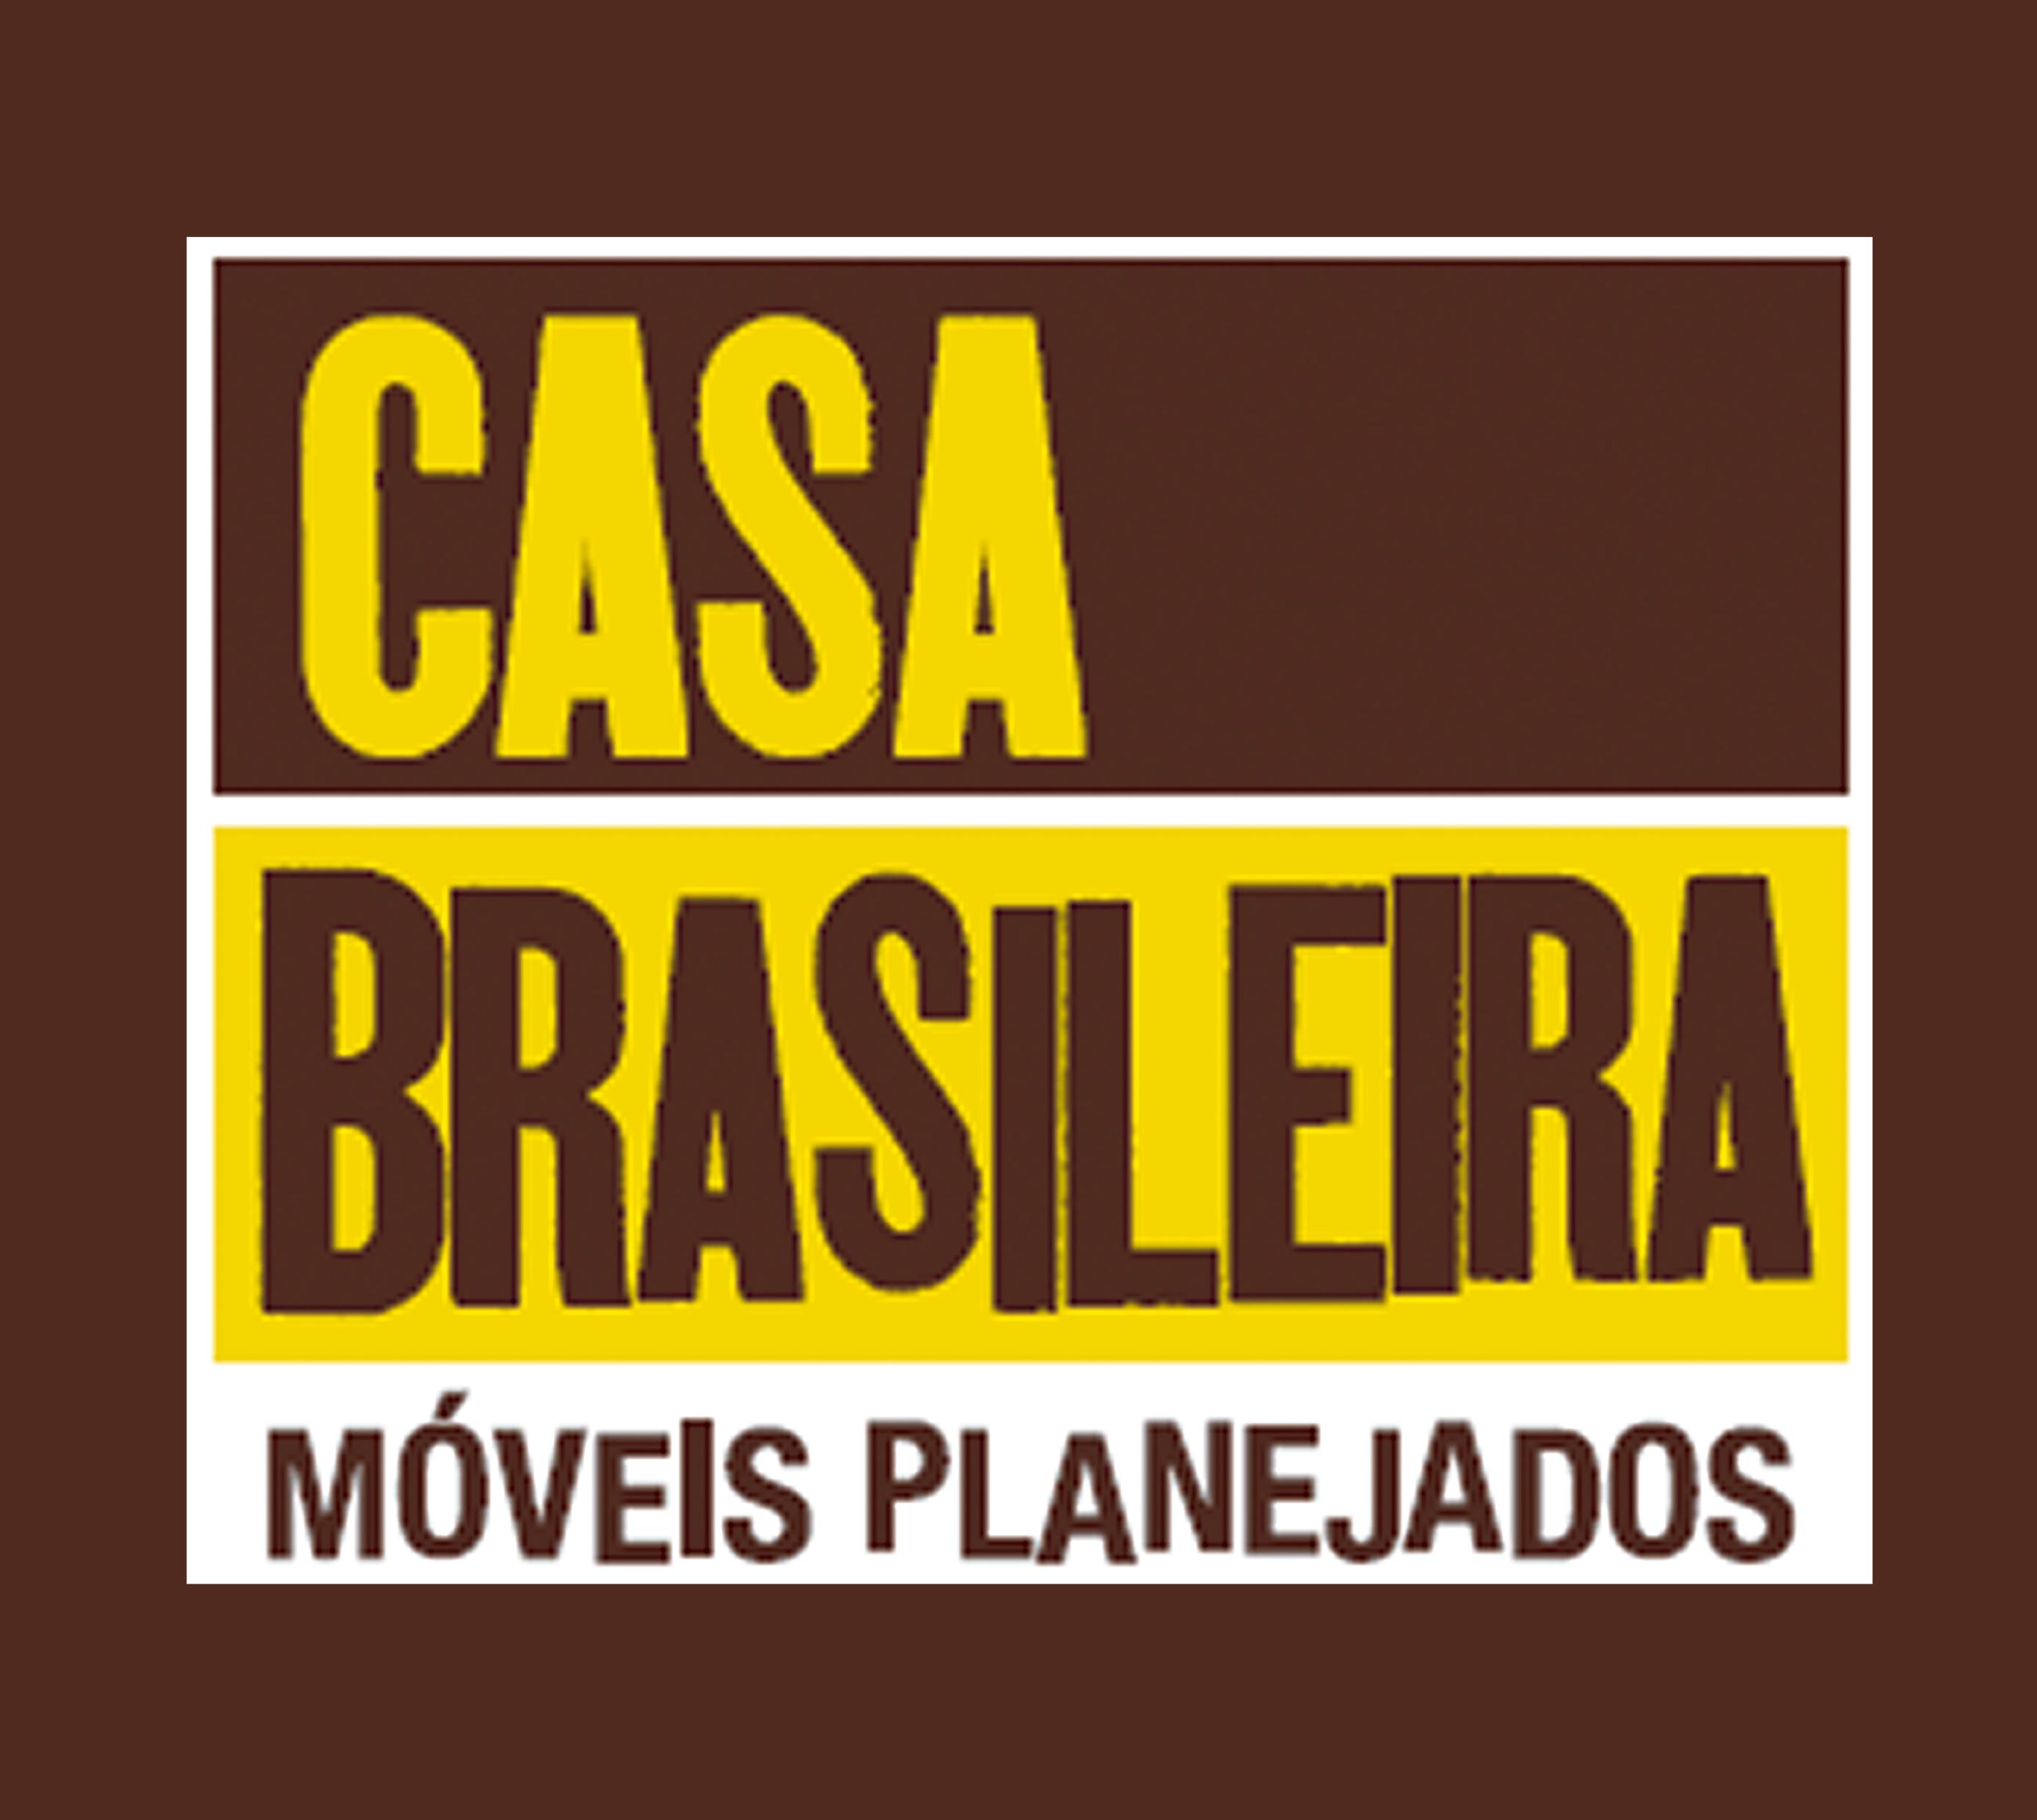 Casa Brasileira Planejados Bertioga  em Bertioga